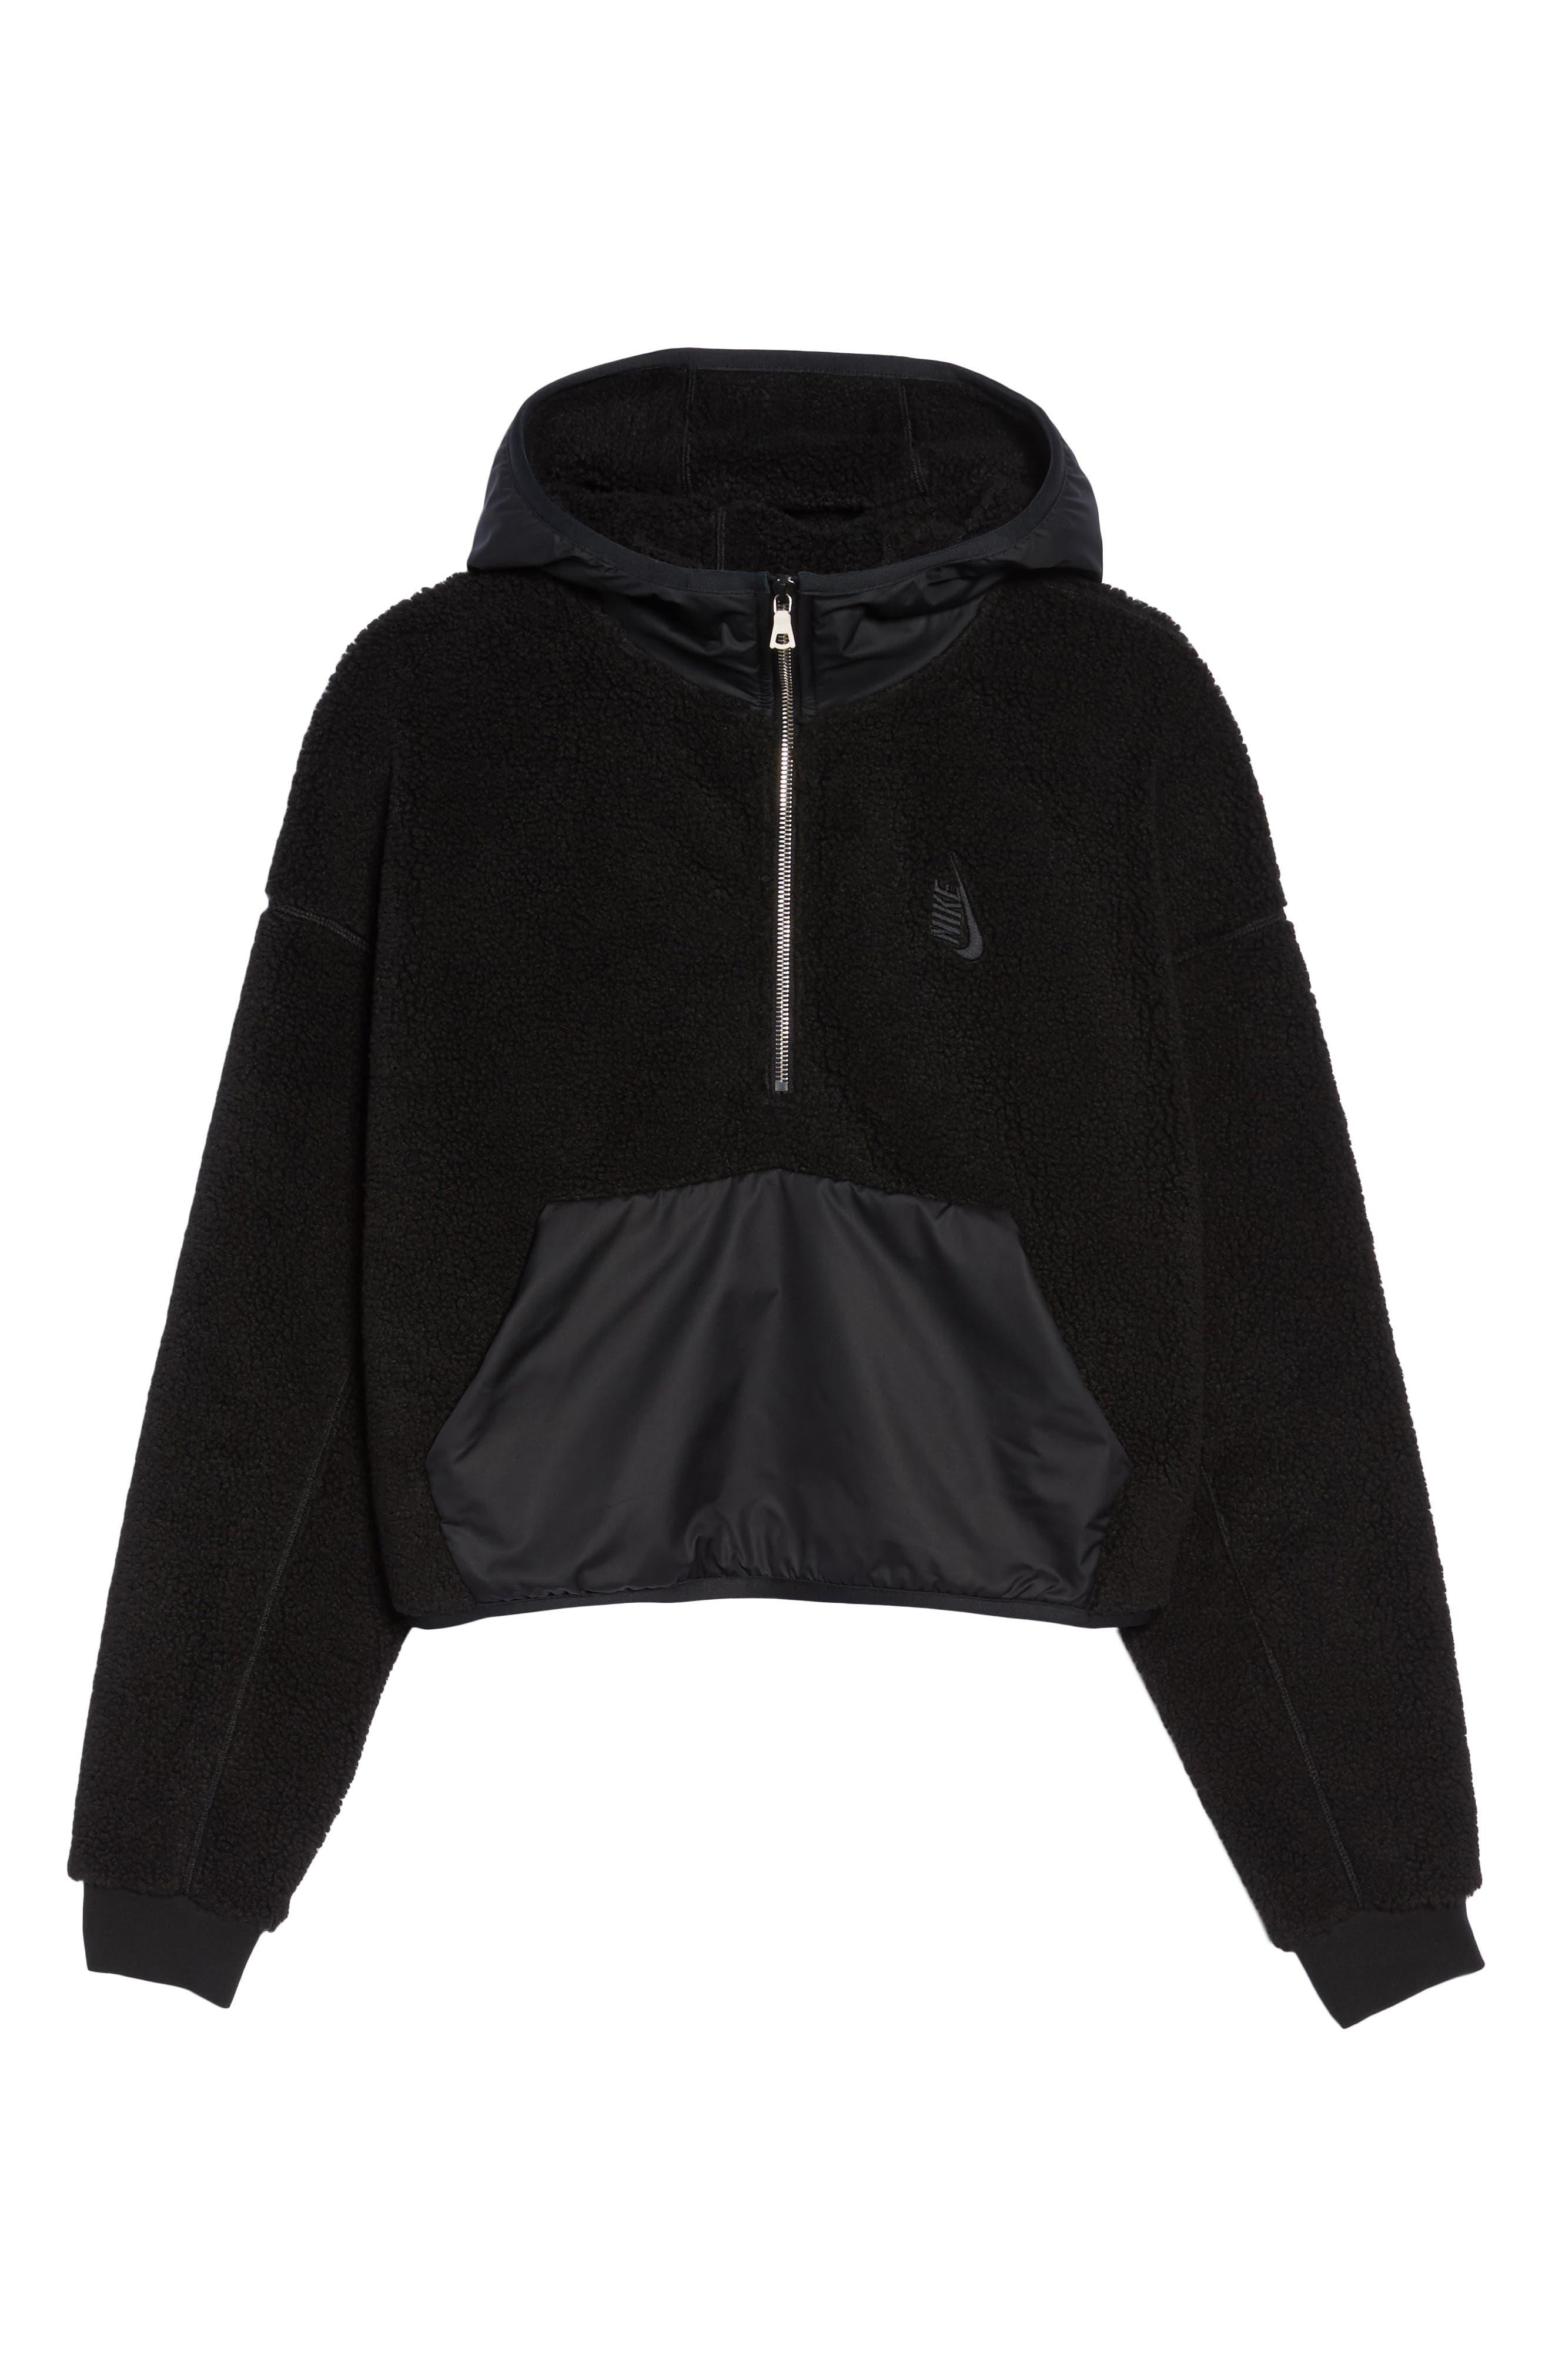 NikeLab Essential Half Zip Fleece Hoodie,                             Alternate thumbnail 7, color,                             Black/ Black